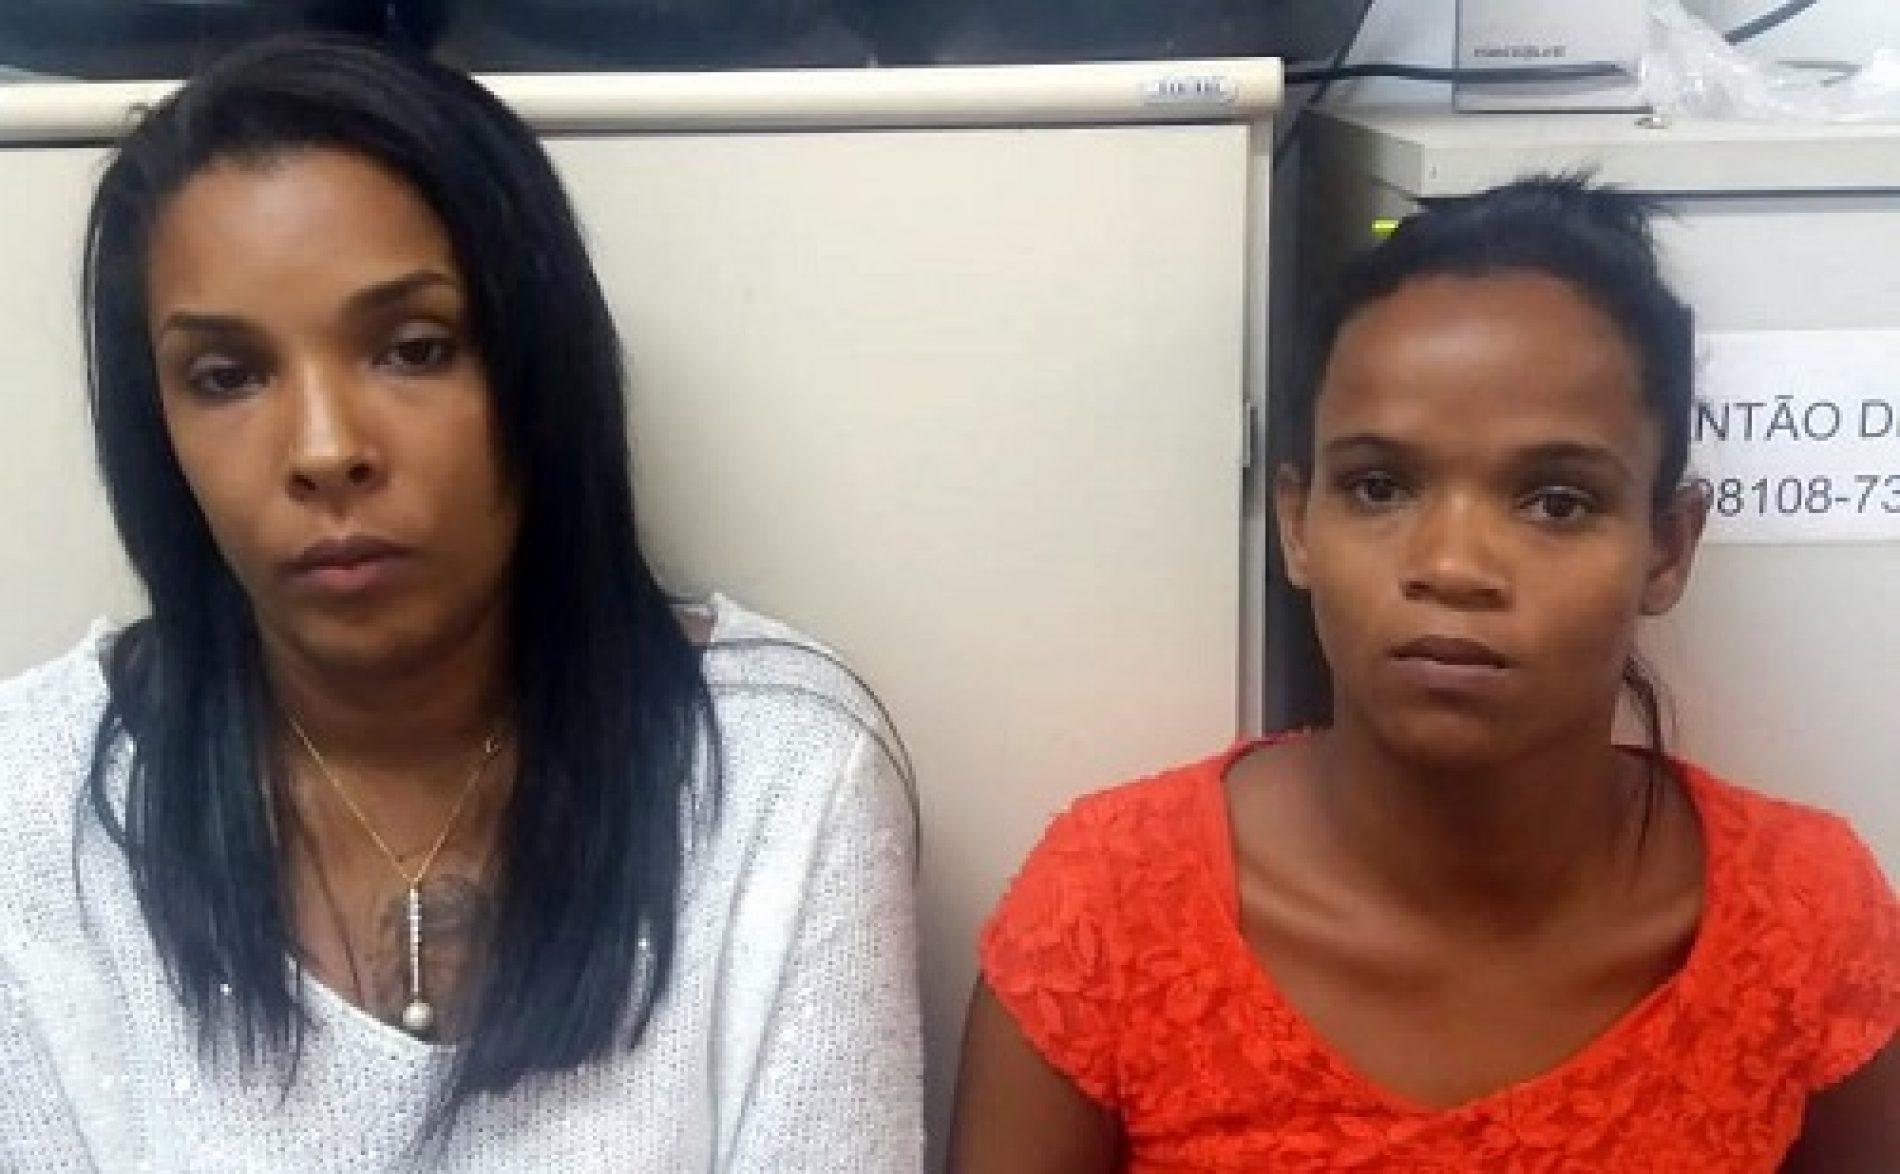 Mulheres são acusadas de furtar mais de 40 celulares em festa na orla de Porto Seguro